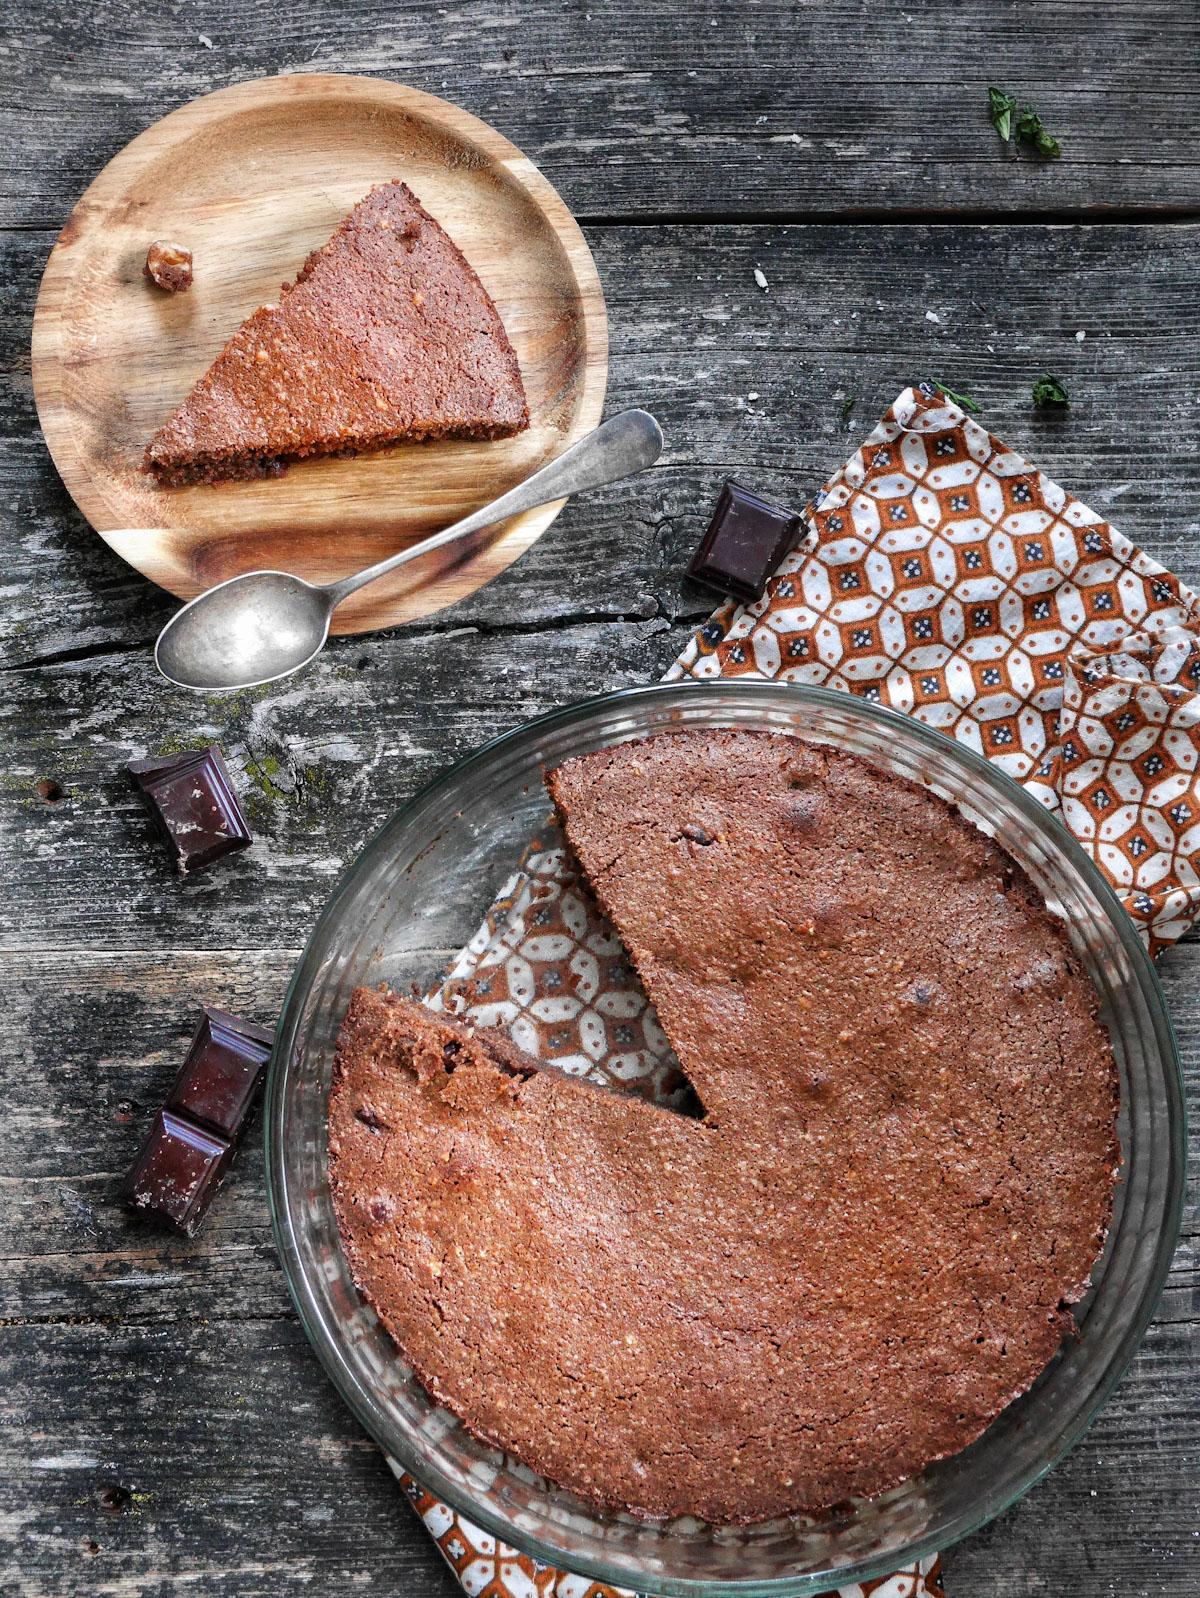 Gâteau au chocolat cuit en 15 minutes au four traditionnel